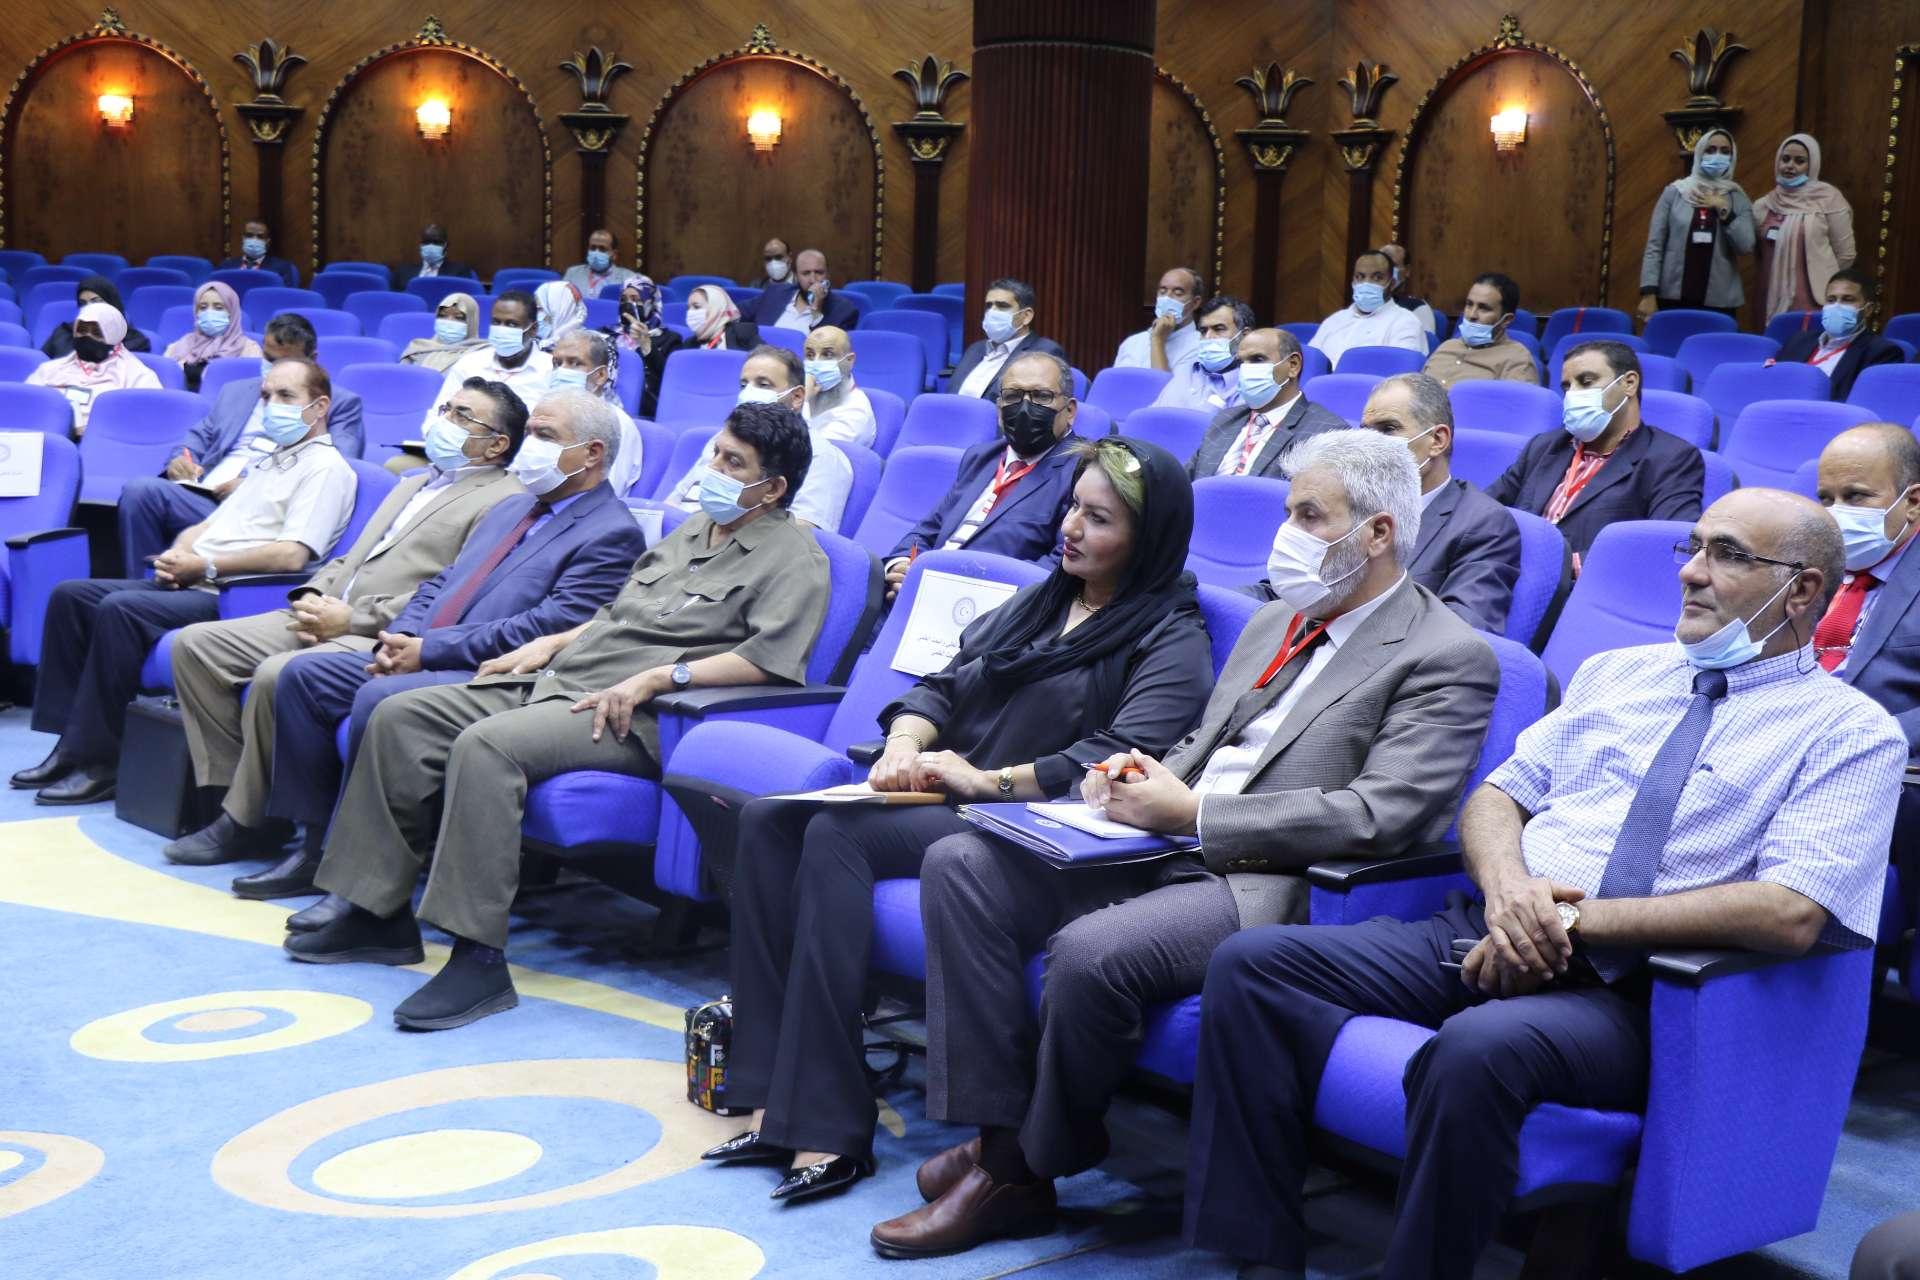 الاجتماع التقابلي الثاني لإدارة الملحقيات وشؤون الموفدين مع مدراء إدارات الدراسات العليا بمؤسسات التعليم العالي